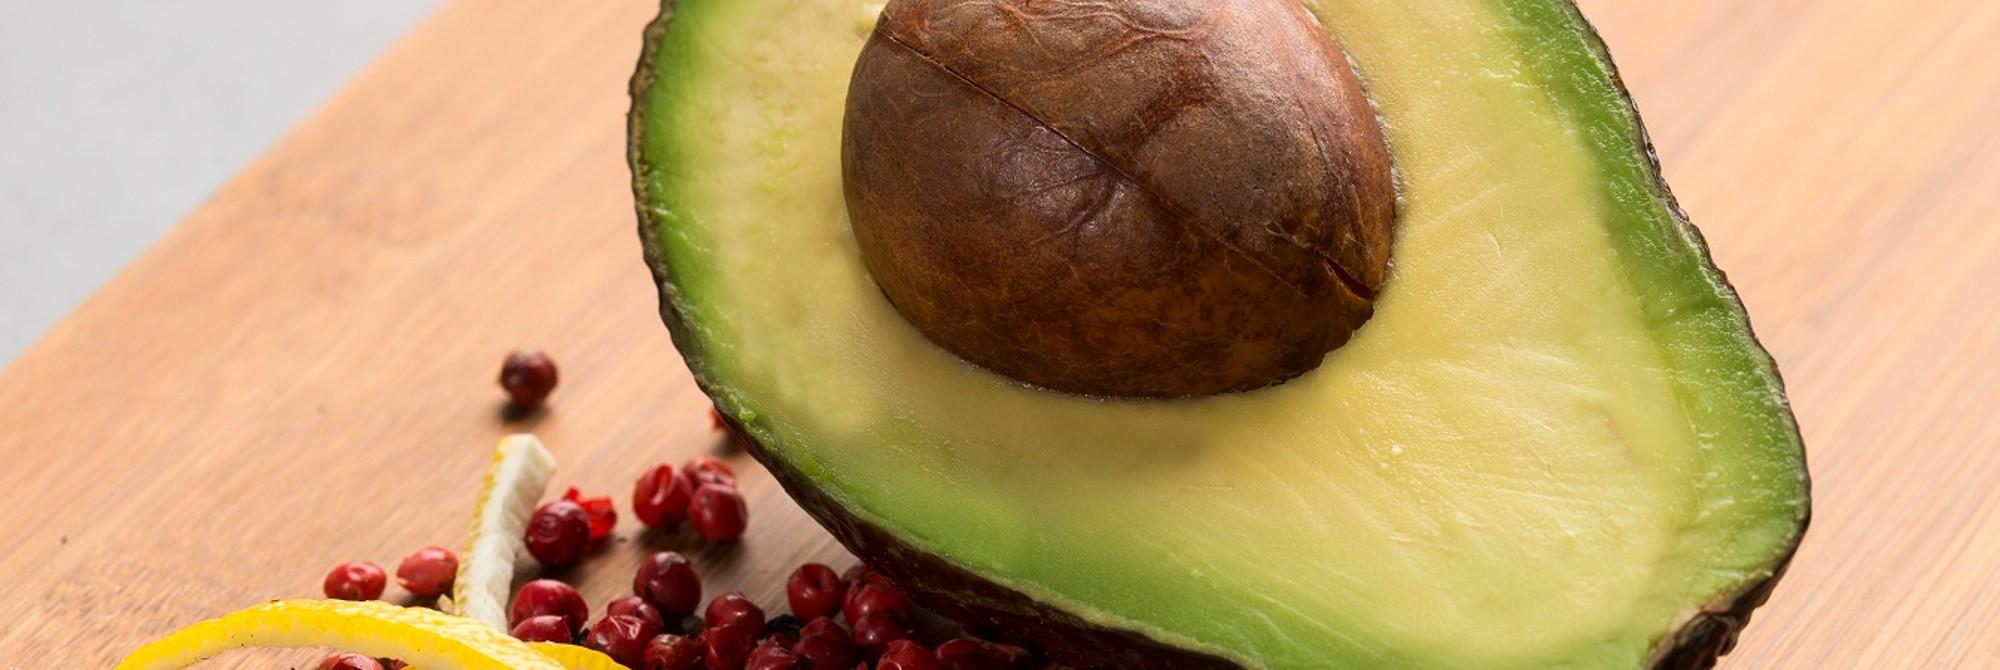 hpp avocado